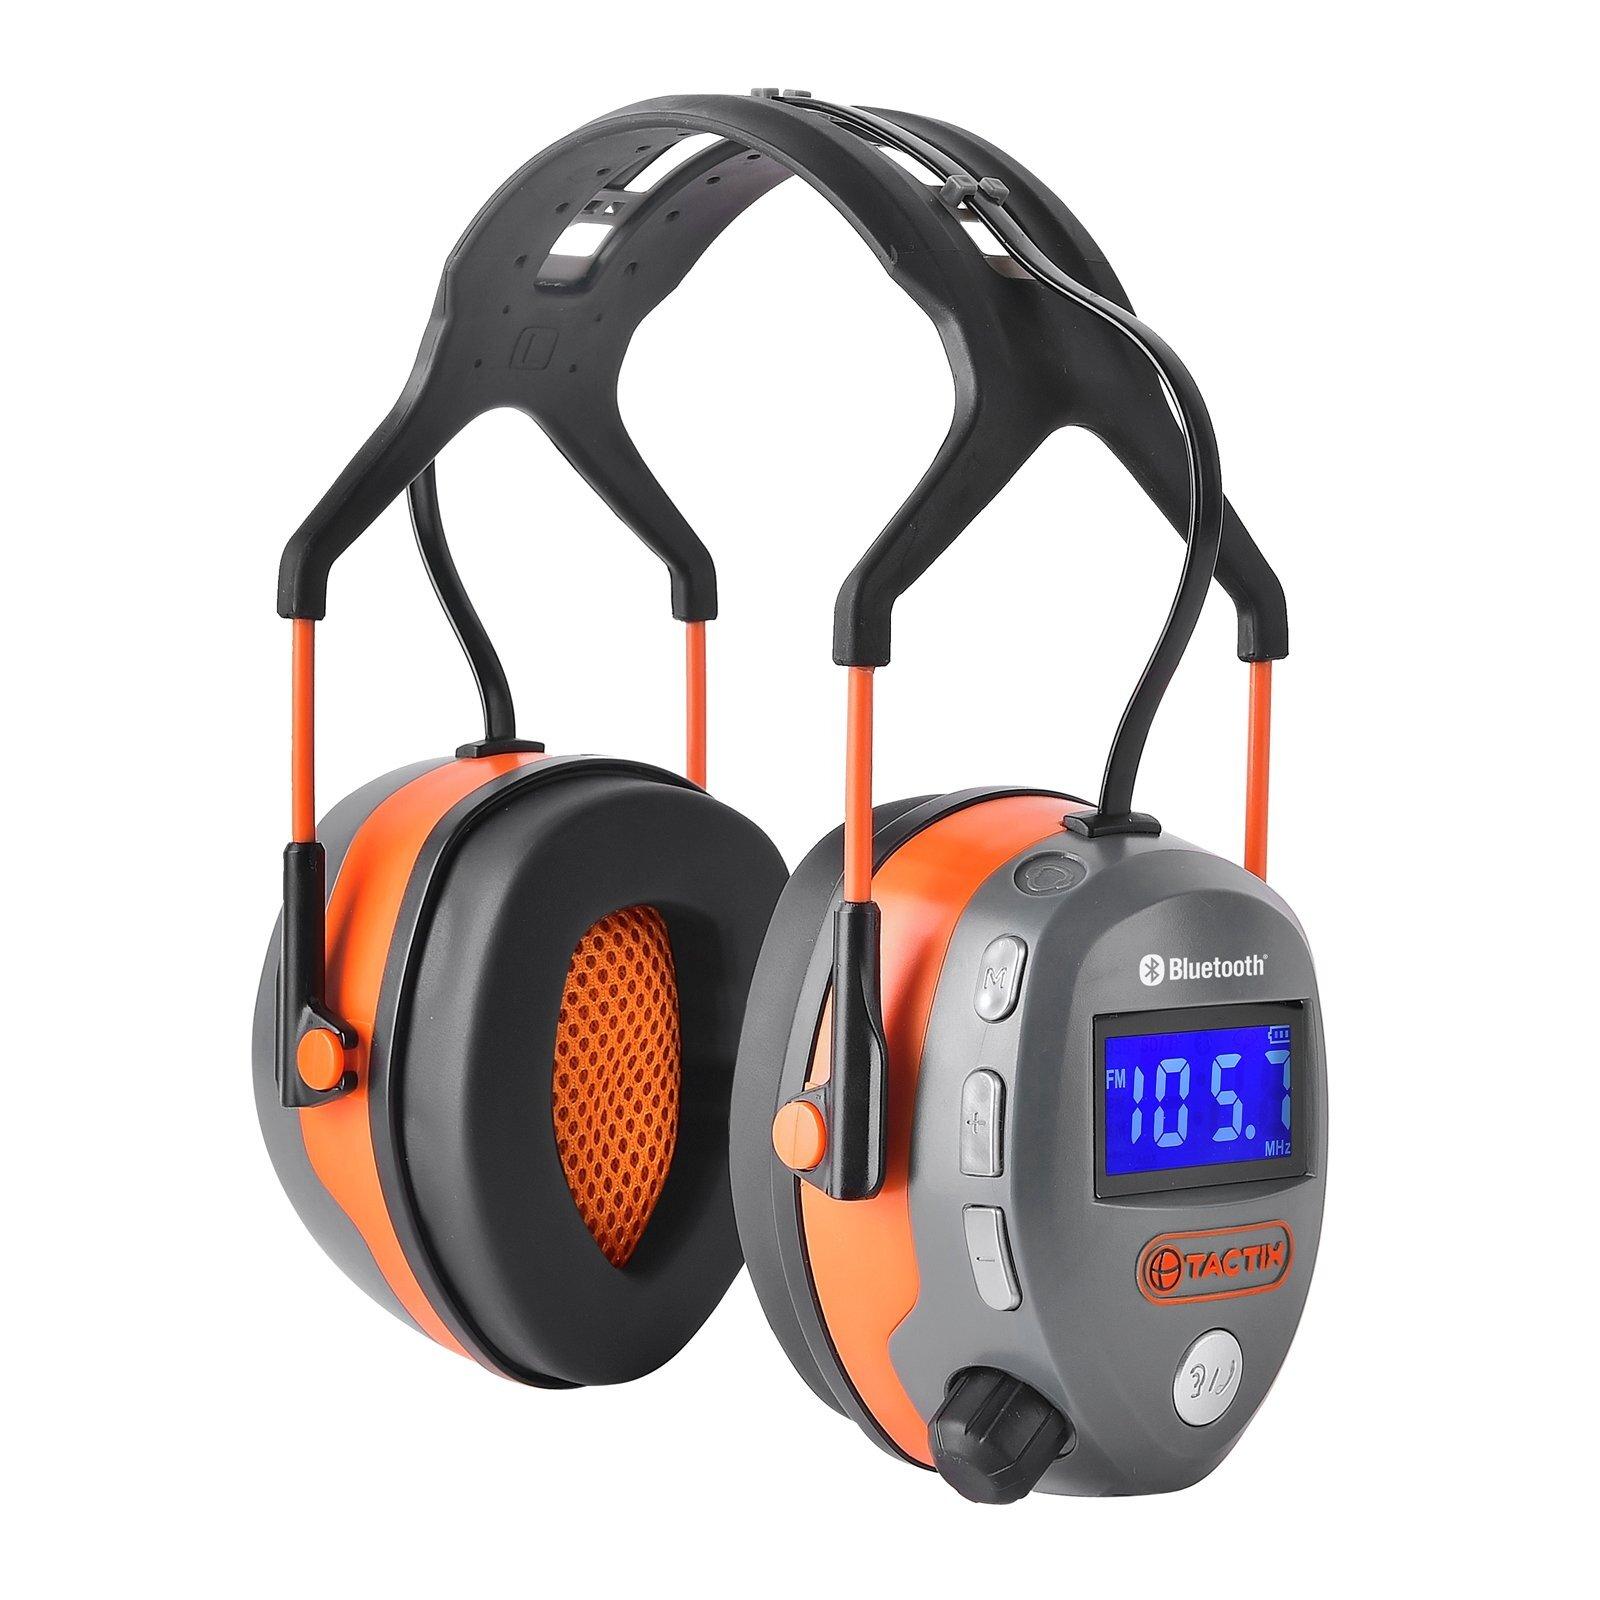 Tactix Gen 3.0 Bluetooth Ear Muffs